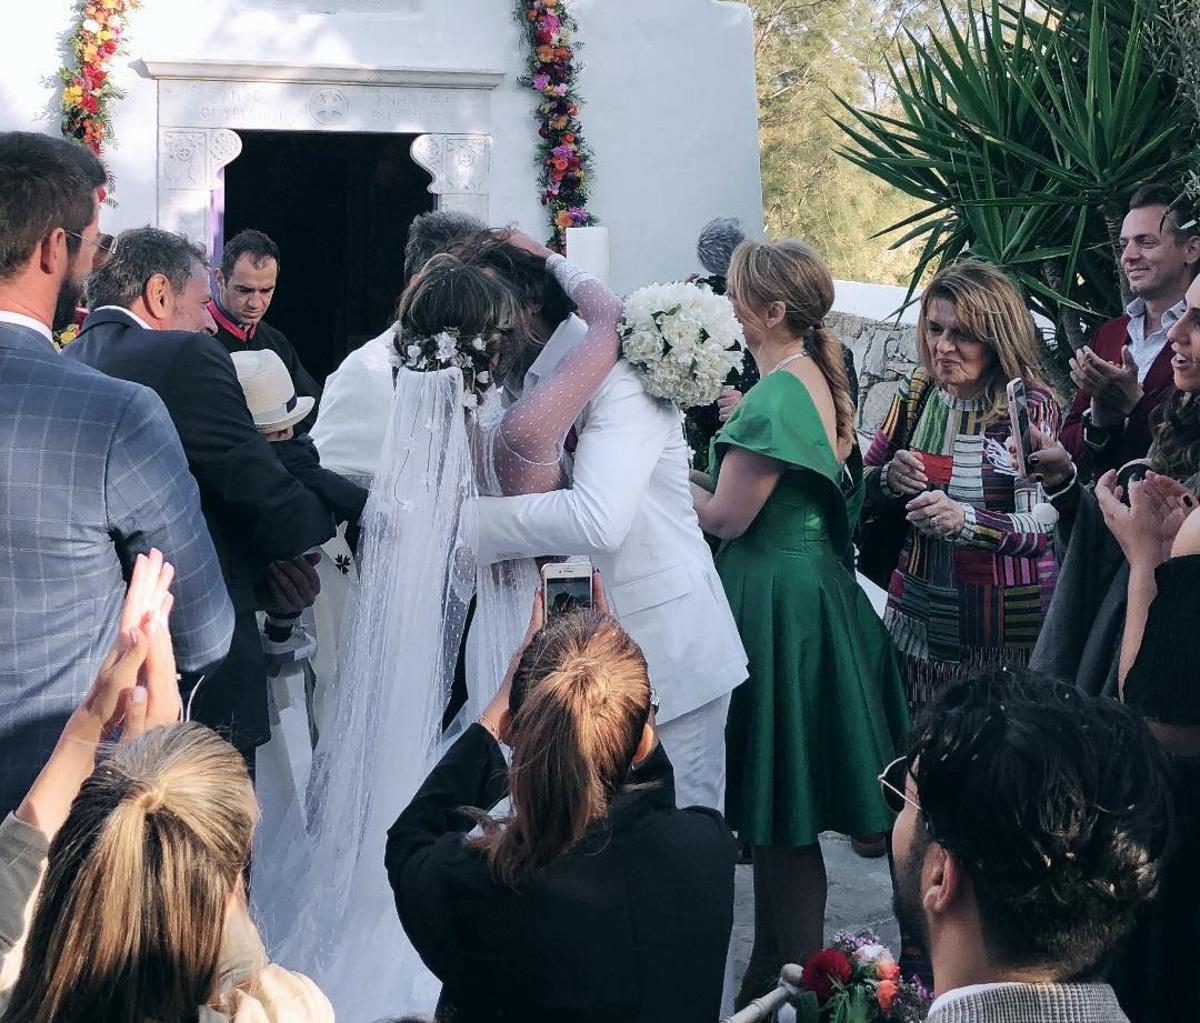 Αθηνά Οικονομάκου – Φίλιππος Μιχόπουλος: Οι πρώτες φωτογραφίες από τον παραμυθένιο γάμο τους στην Μύκονο! [pics] | tlife.gr